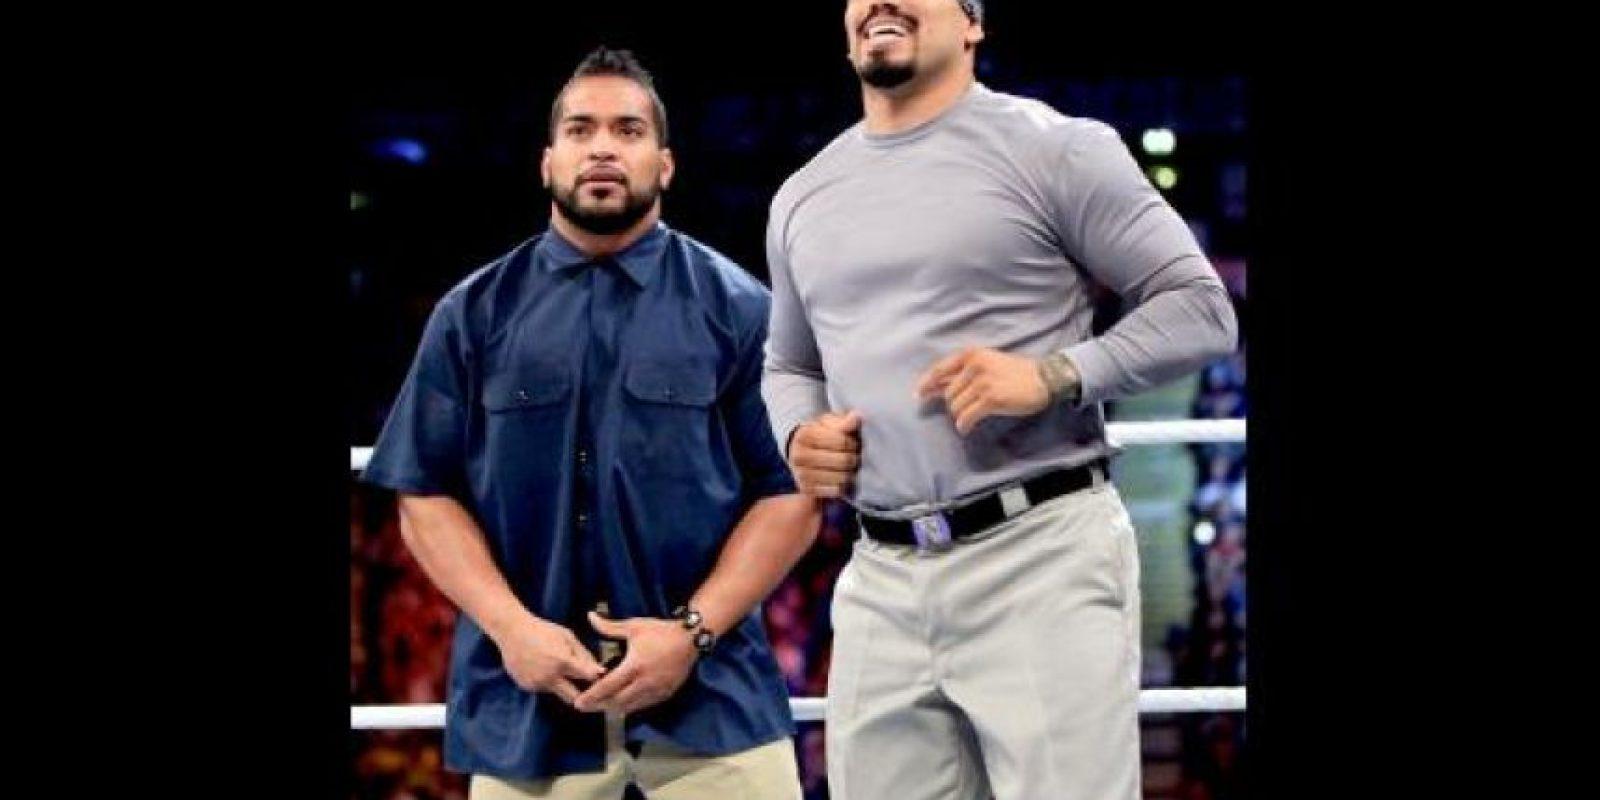 Su nombre real es Jorge Arias Foto:WWE